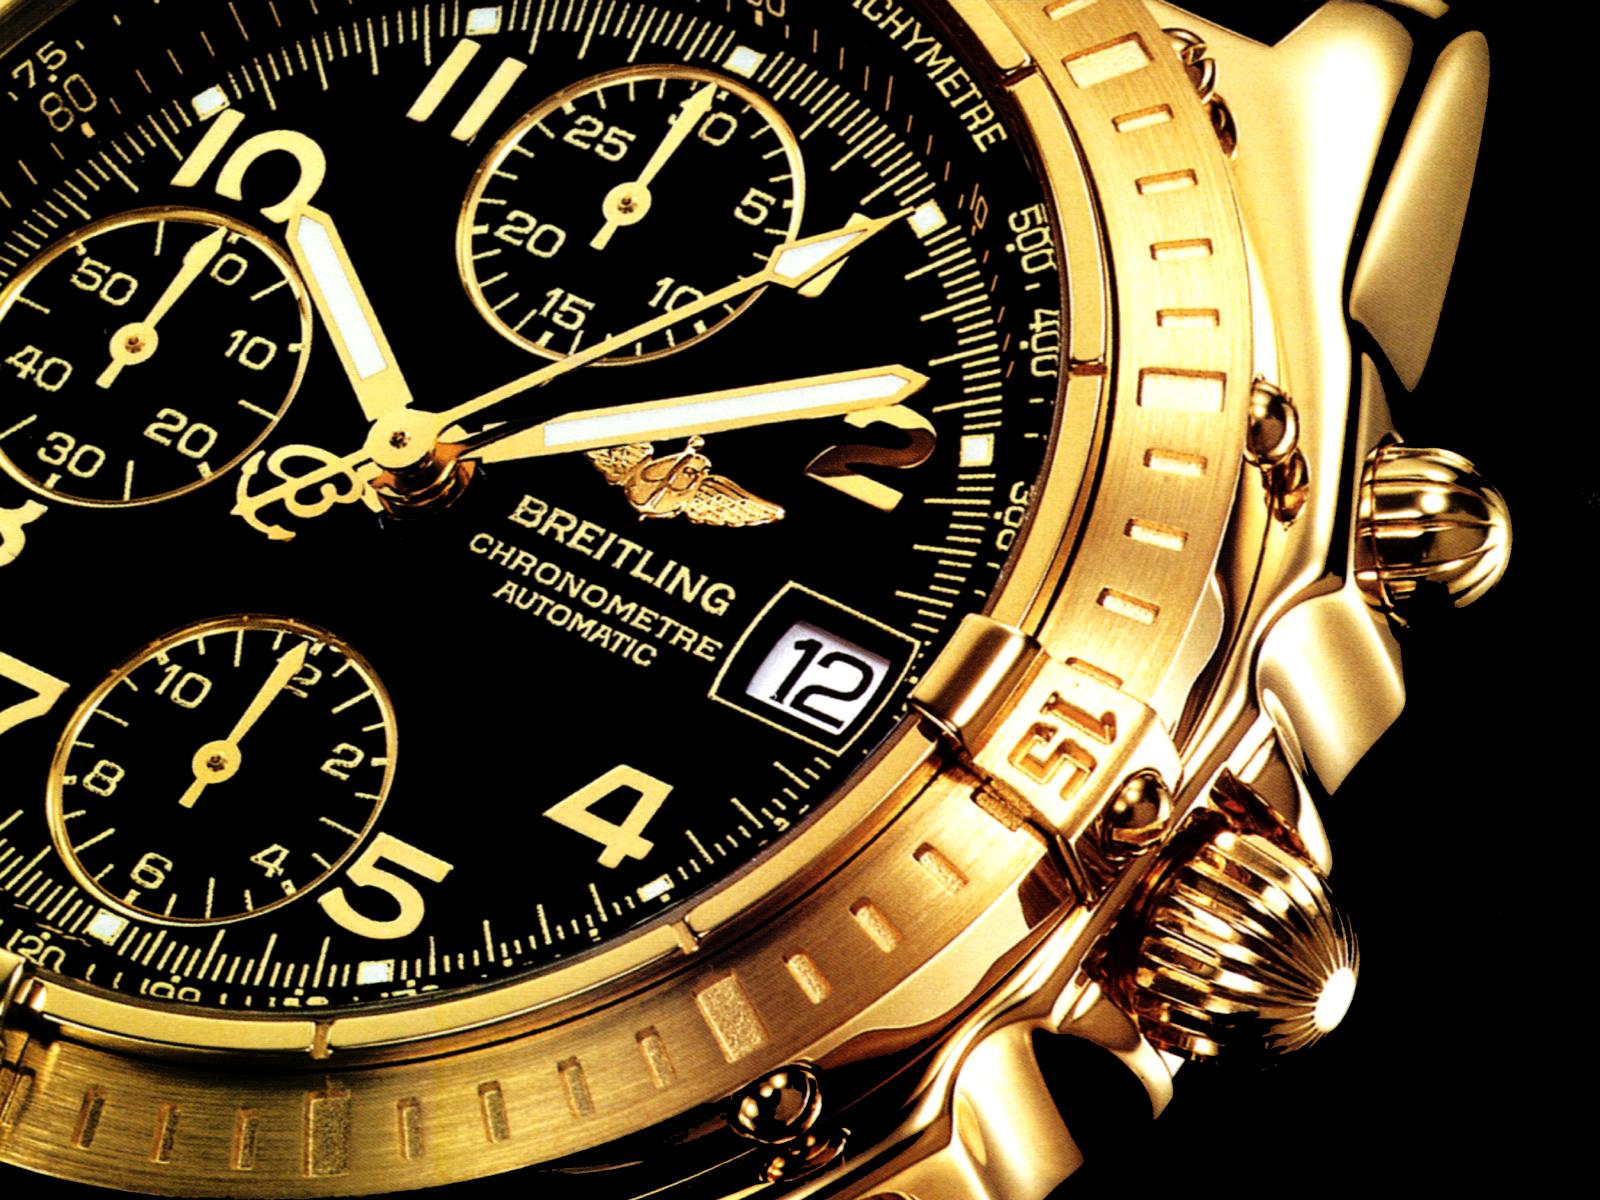 http://4.bp.blogspot.com/-nQn9O6m870I/TrAovb5nt8I/AAAAAAAAADI/raU07WHe_cM/s1600/Breitling_Golden_Watch_Wallpaper%252BVvallpaper.Net.jpg